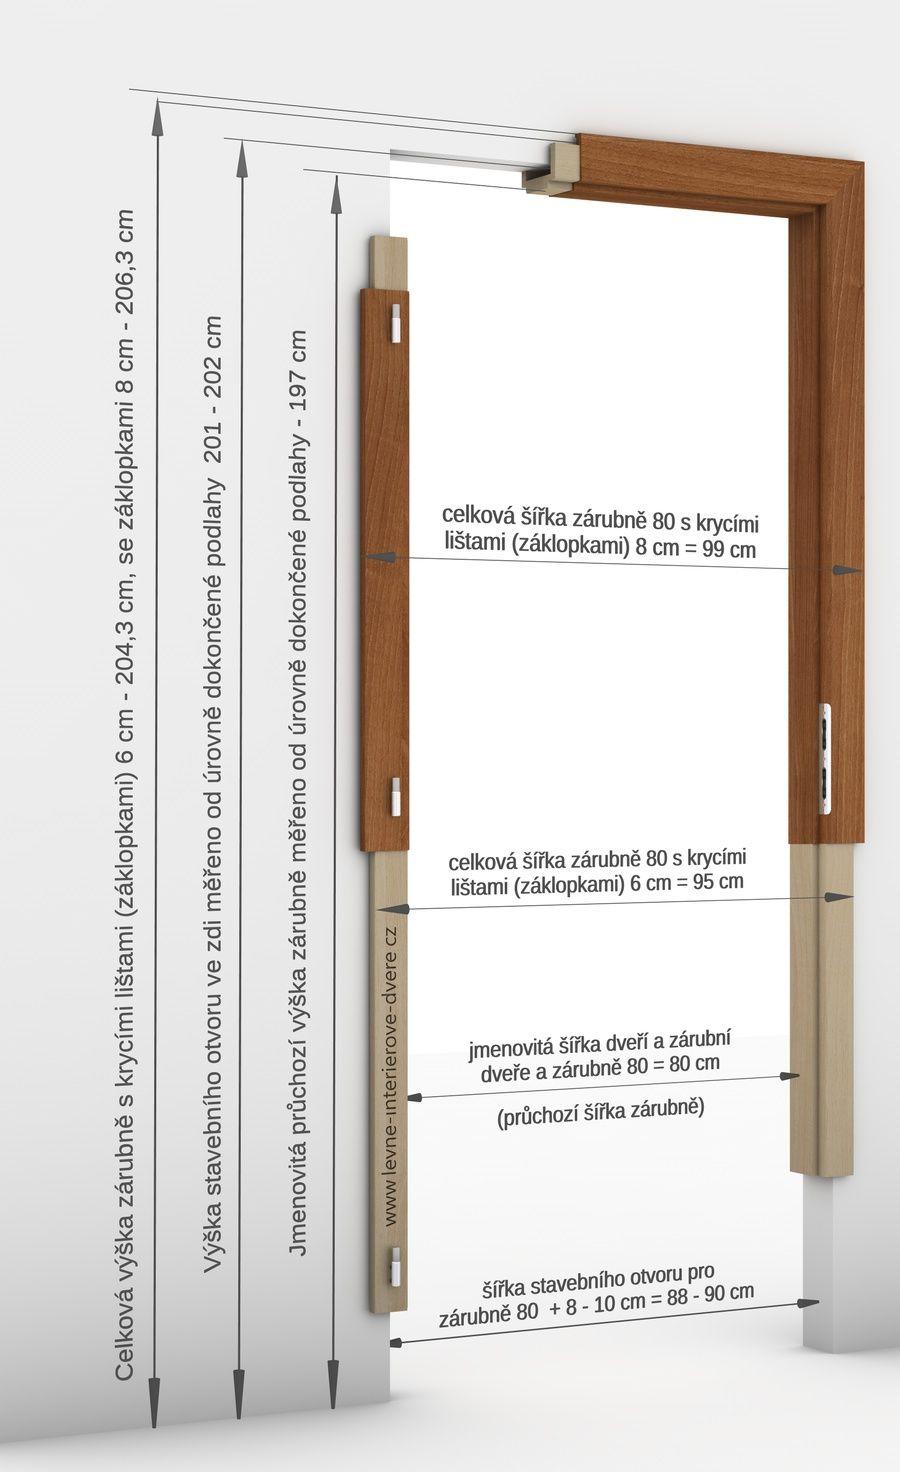 Rozměry stacebního otvoru pro obložkovou zárubeň